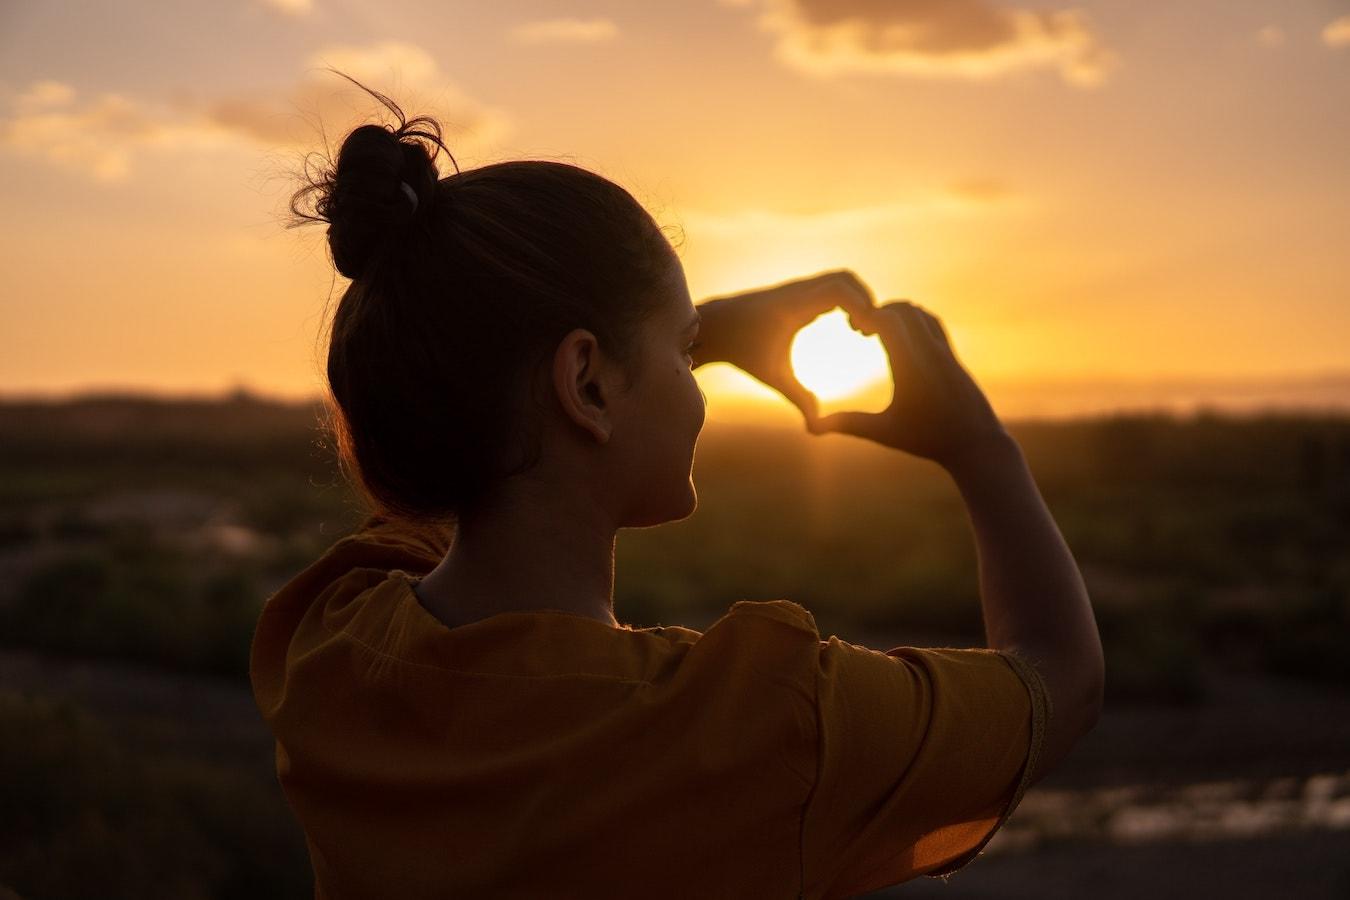 junge Frau hält ihre Hände in Herzform selbstbewusst vor die Sonne